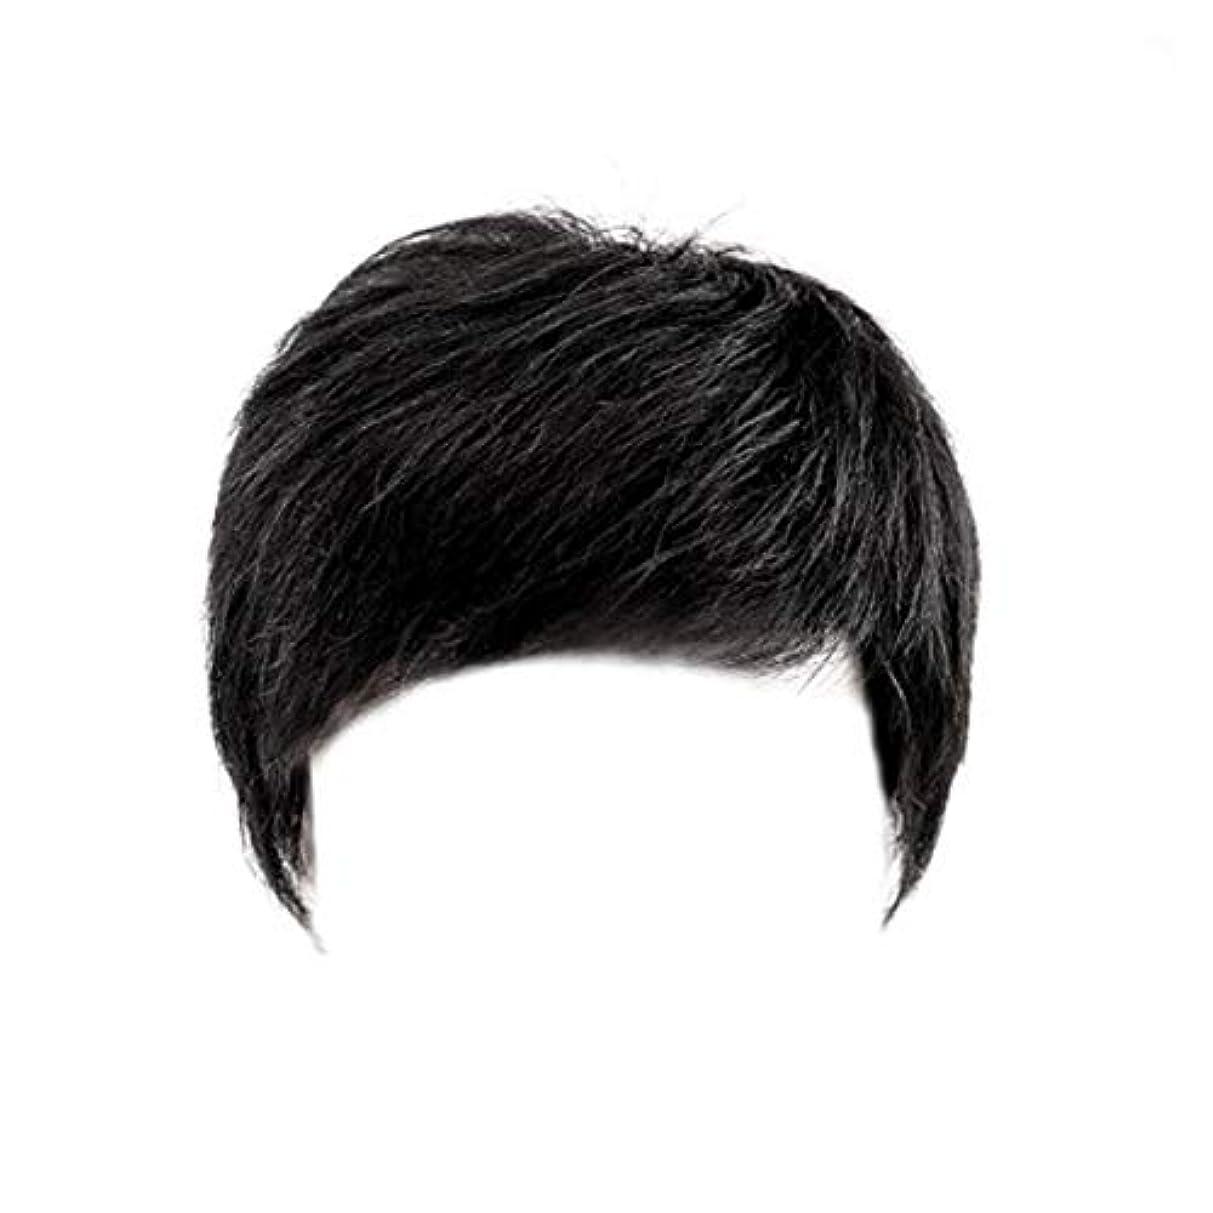 溶融ベルトスカイCN ウィッグ男性ショートヘアメンズかつらハンサム中年ヘッドトップの交換の本格ヘアカバーホワイト髪のセットの帽子 (Color : Black)